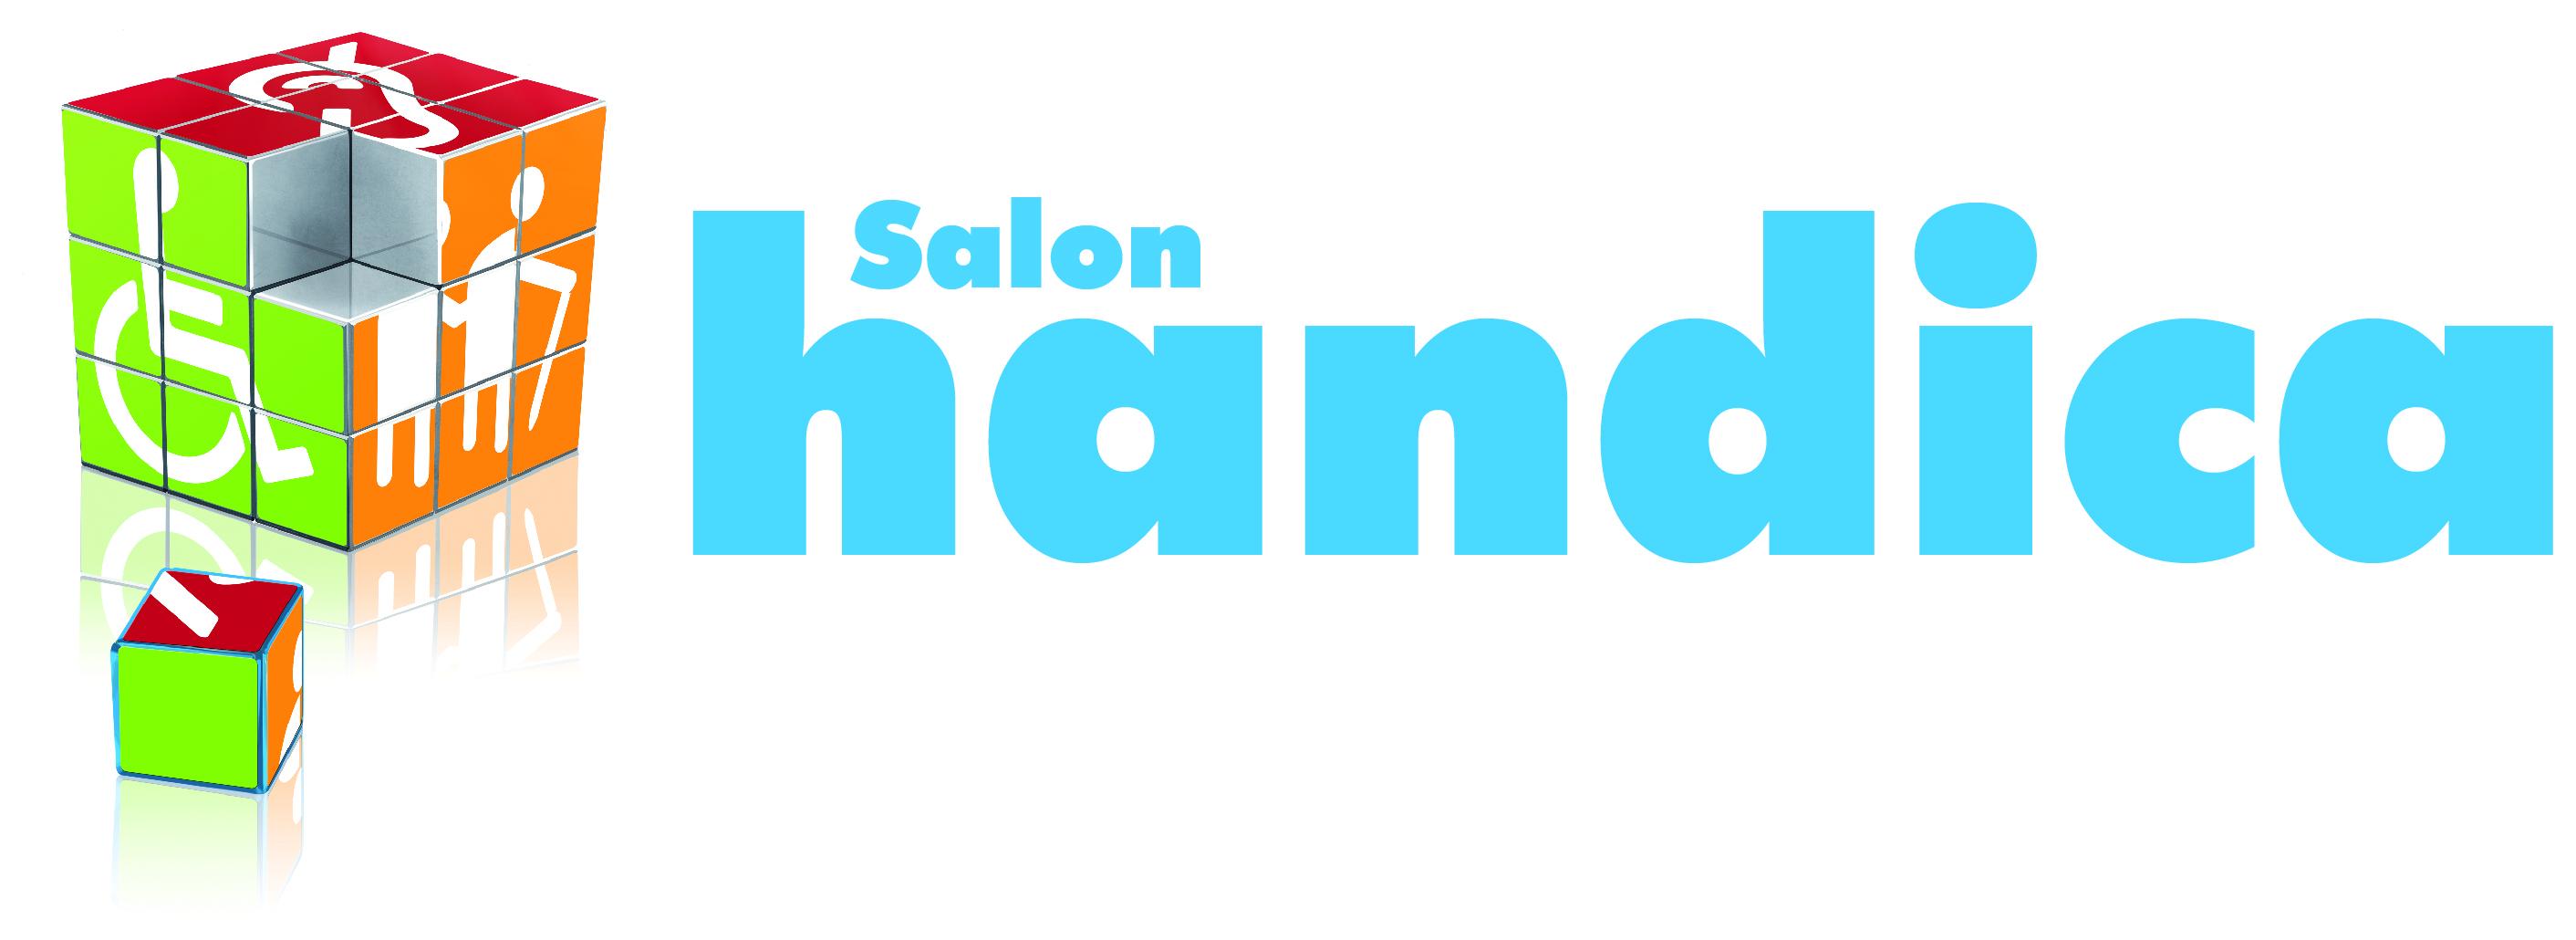 entrée gratuite salon Handica